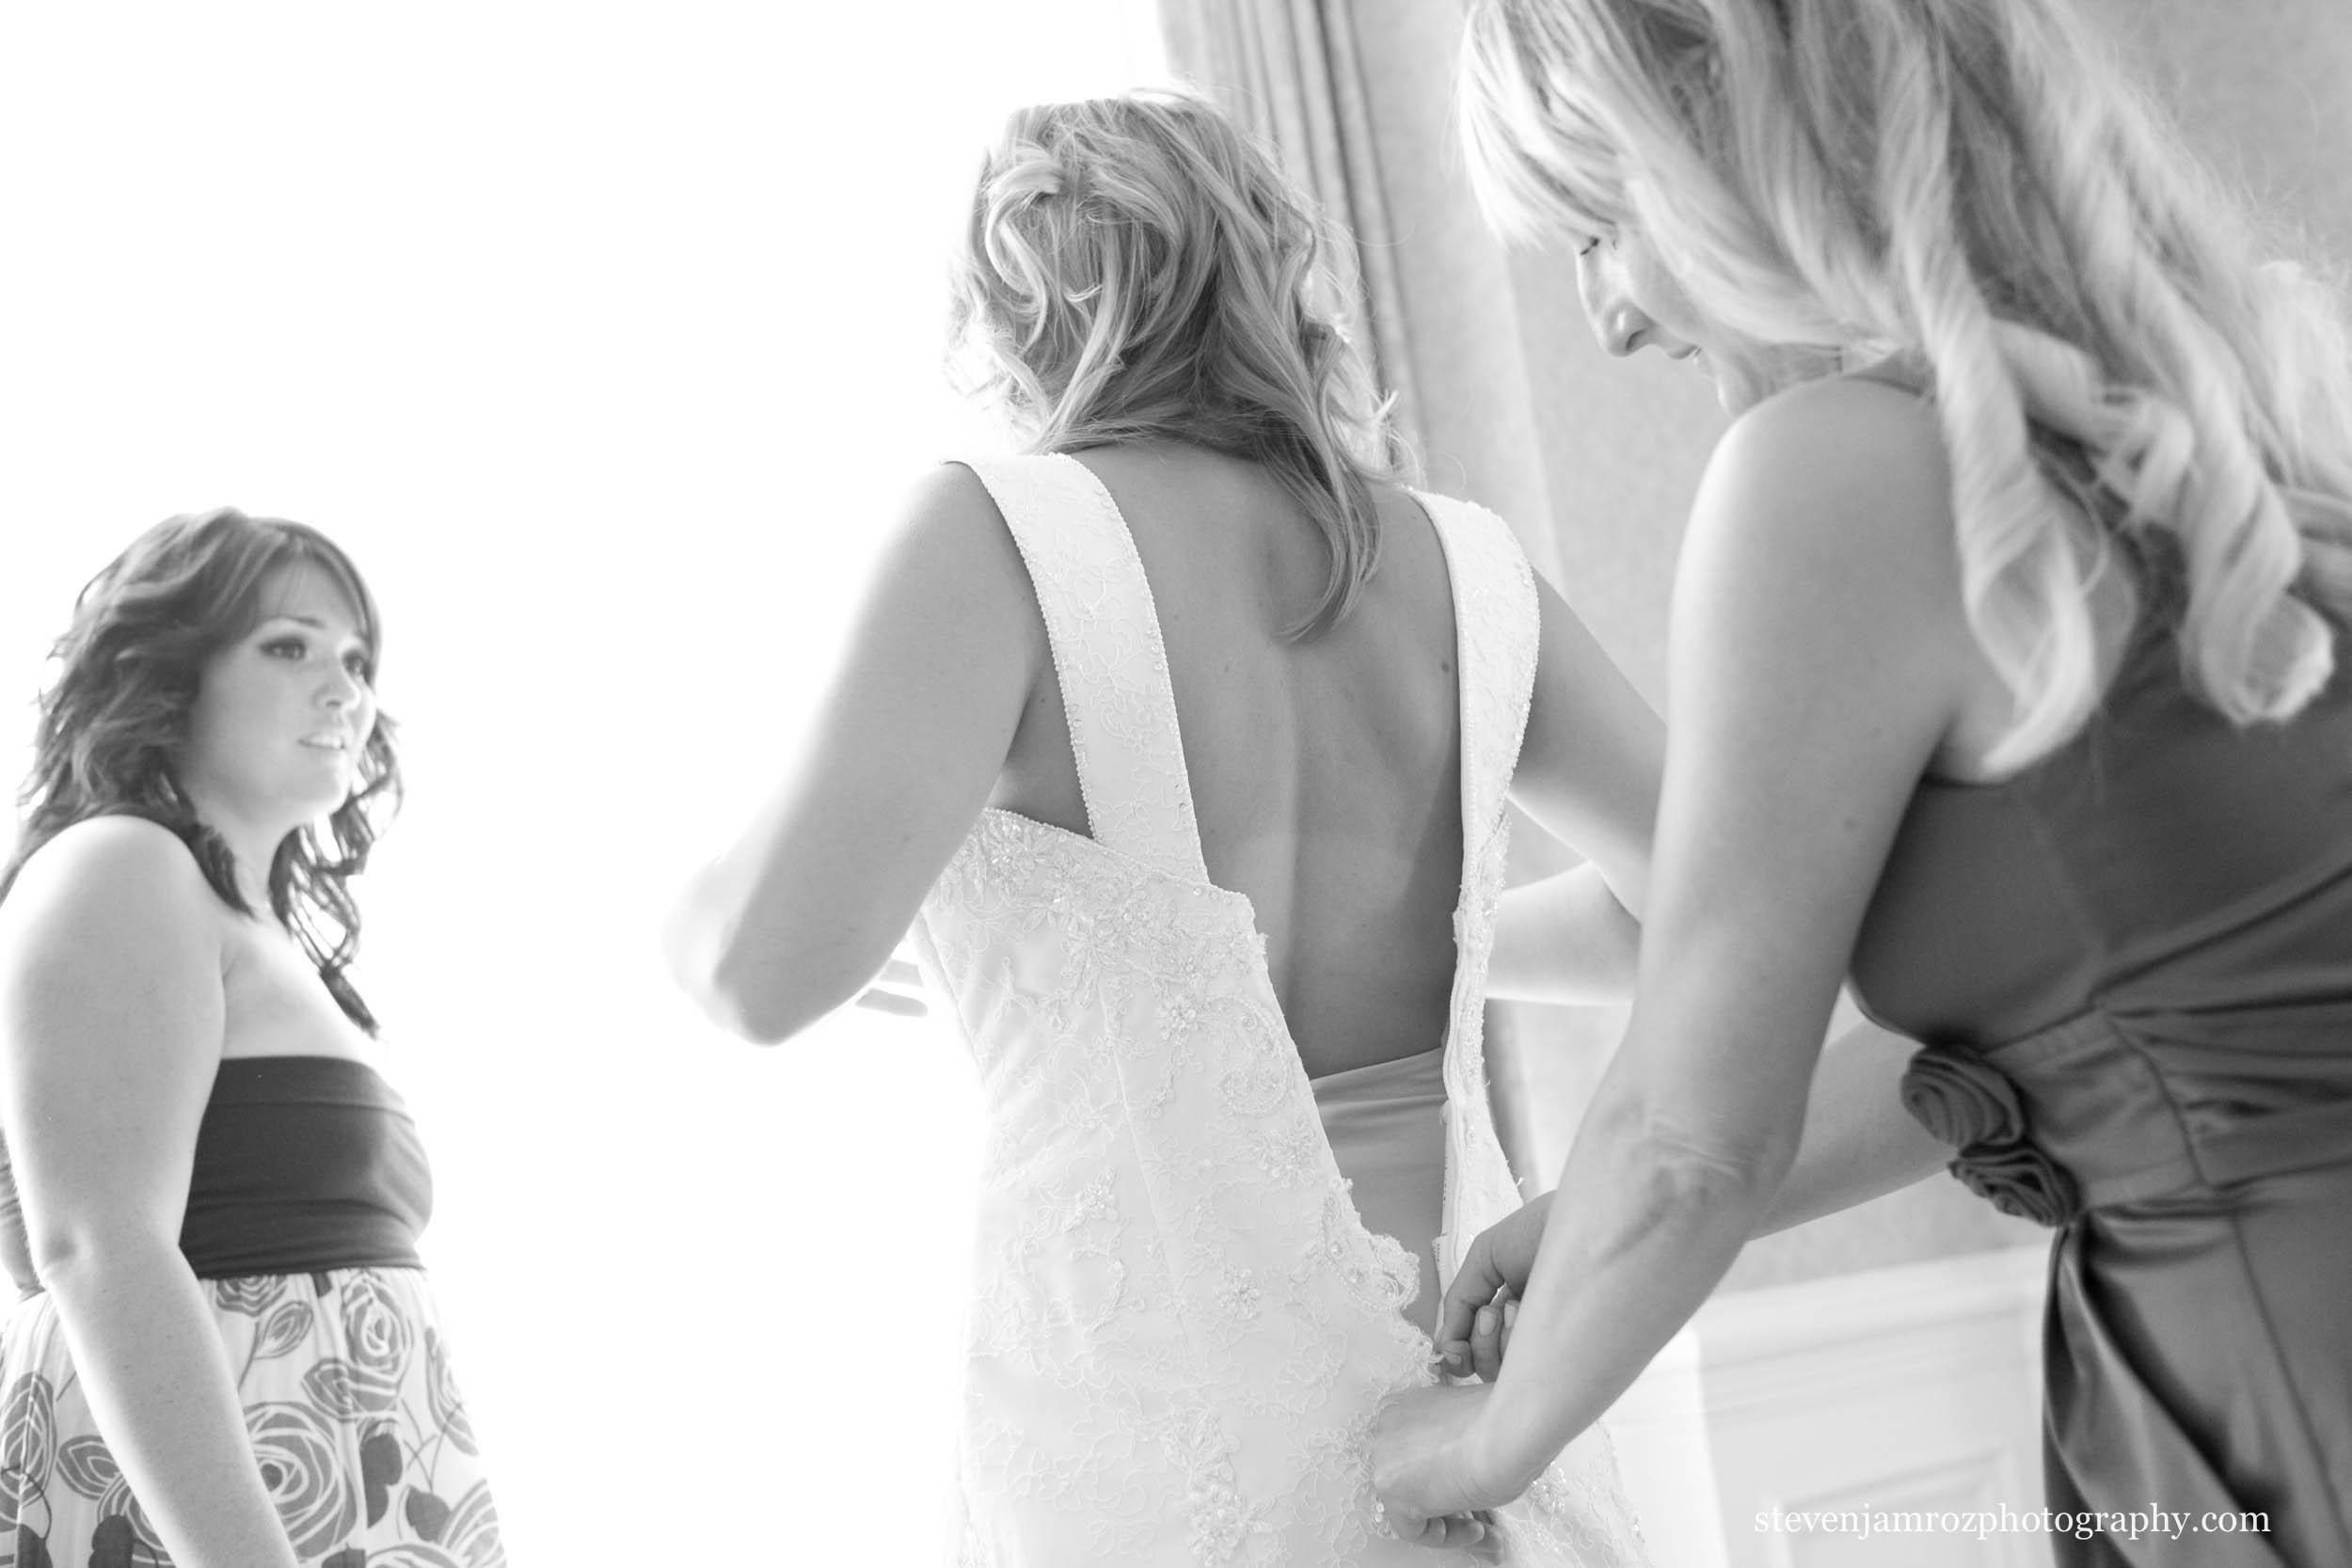 zipping-dress-wedding-bridesmaids-photographer-steven-jamroz-0719.jpg